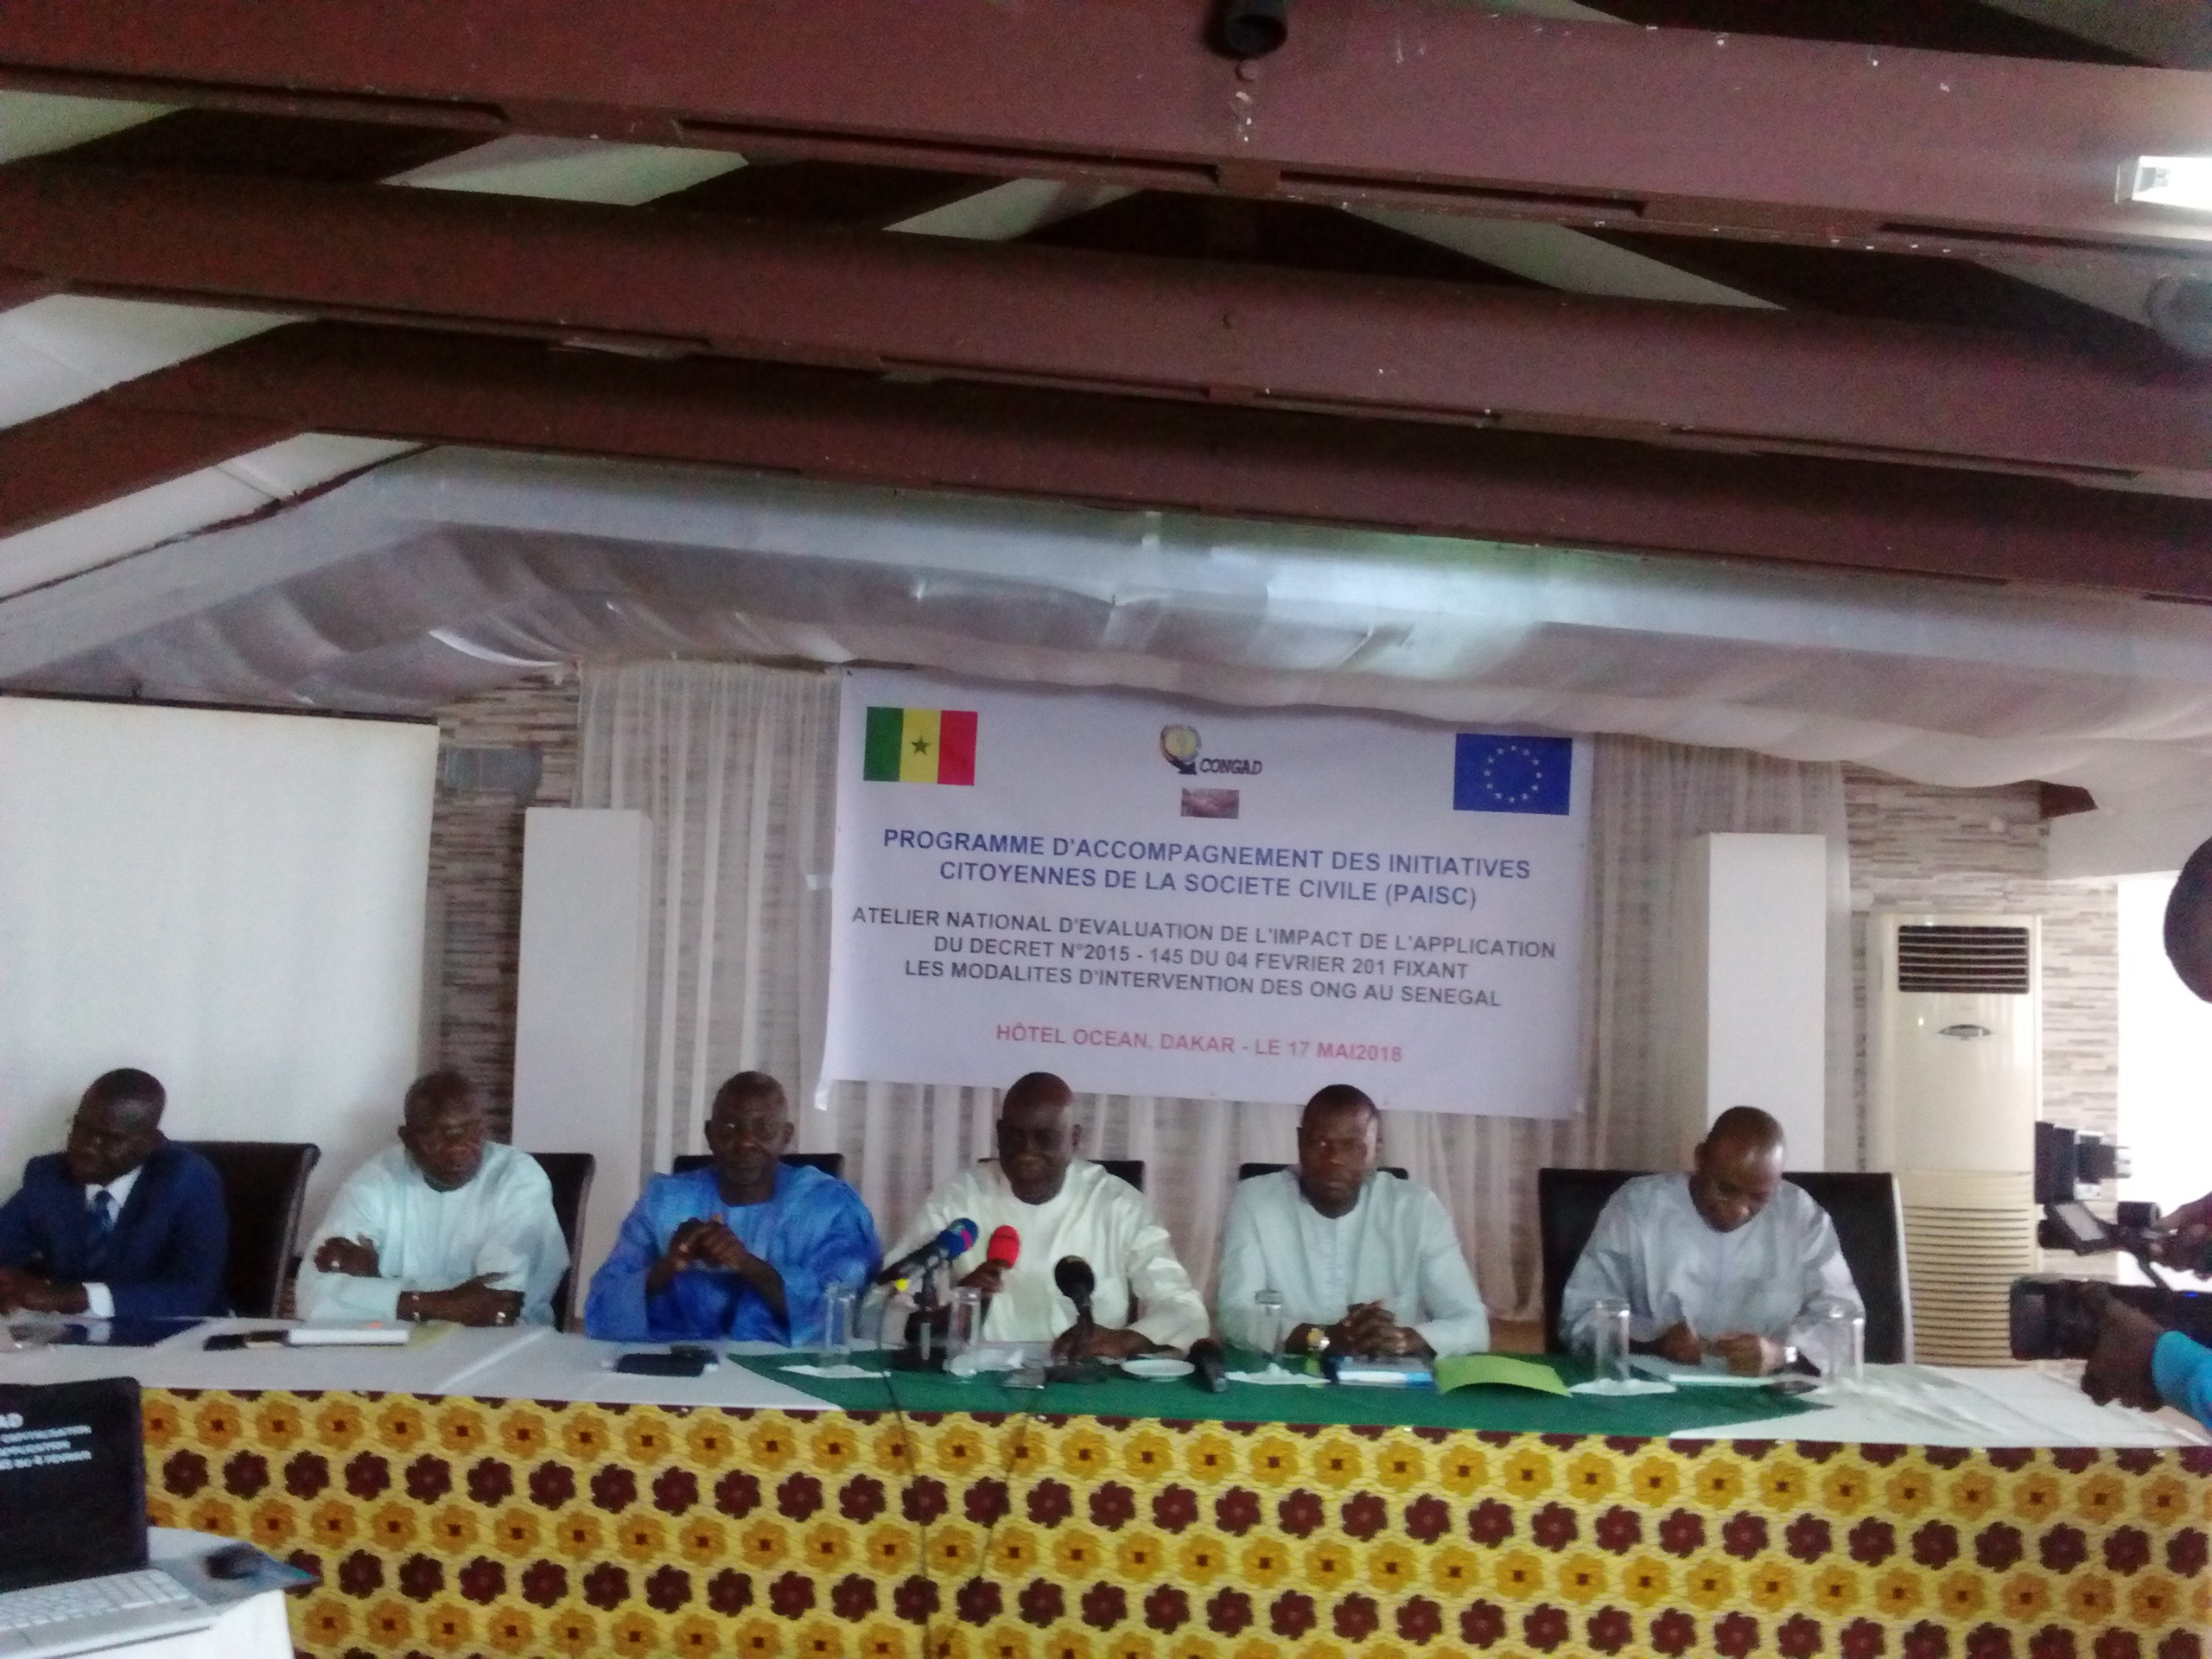 Cadre d'intervention des Ong au Sénégal  Le Congad s'accorde avec l'Etat sur les modalités du décret y afférent